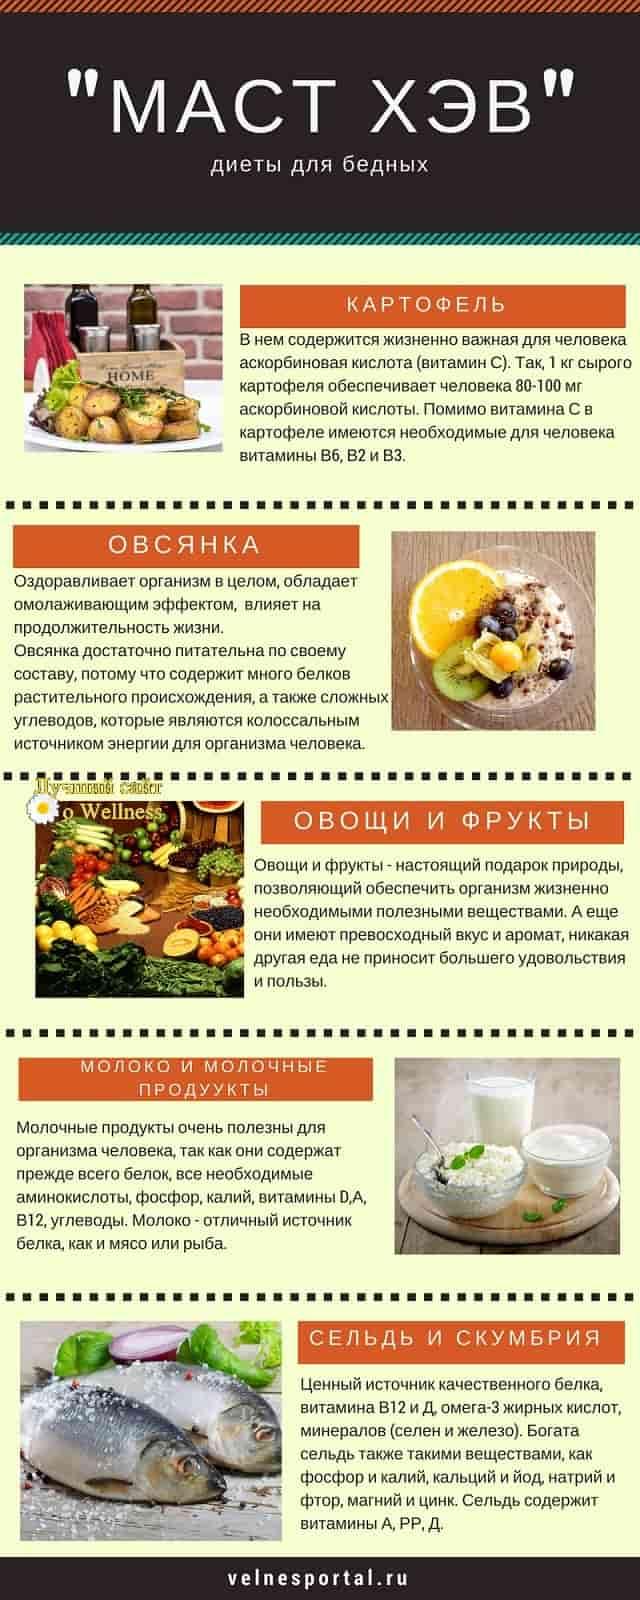 Крестьянская диета - выбор худеющих